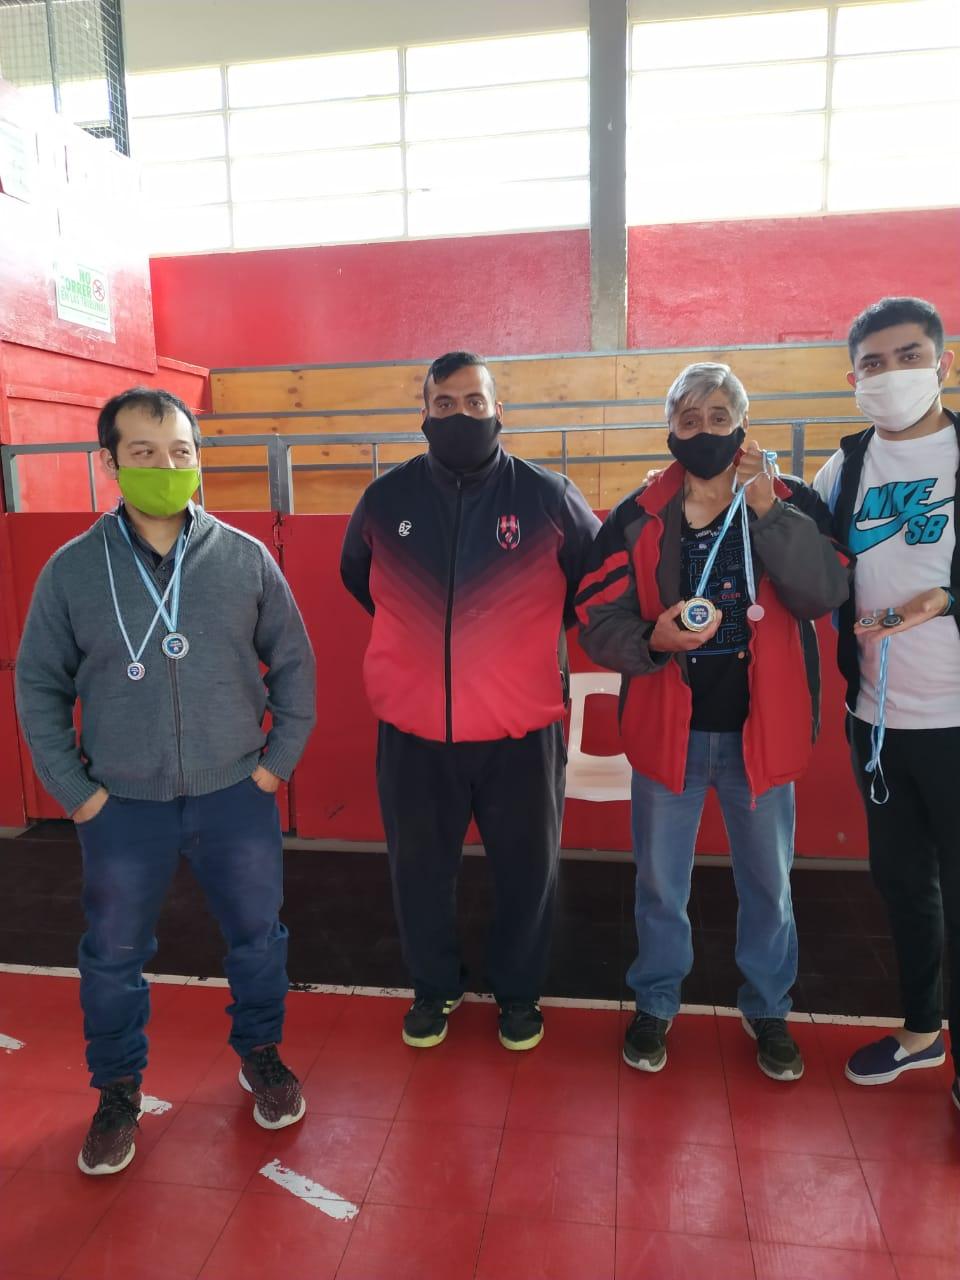 Jorge Ocampo, Marcelo Cárdenas, José Báez y Matías Campeón. Foto: José Silva / La Opinión Austral